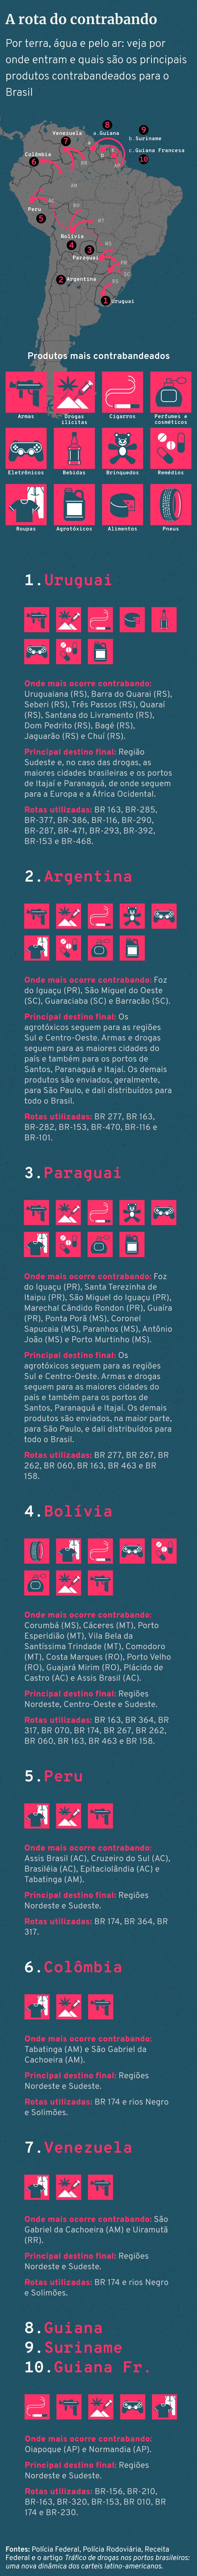 Infográfico: Mapa do contrabando no Brasil